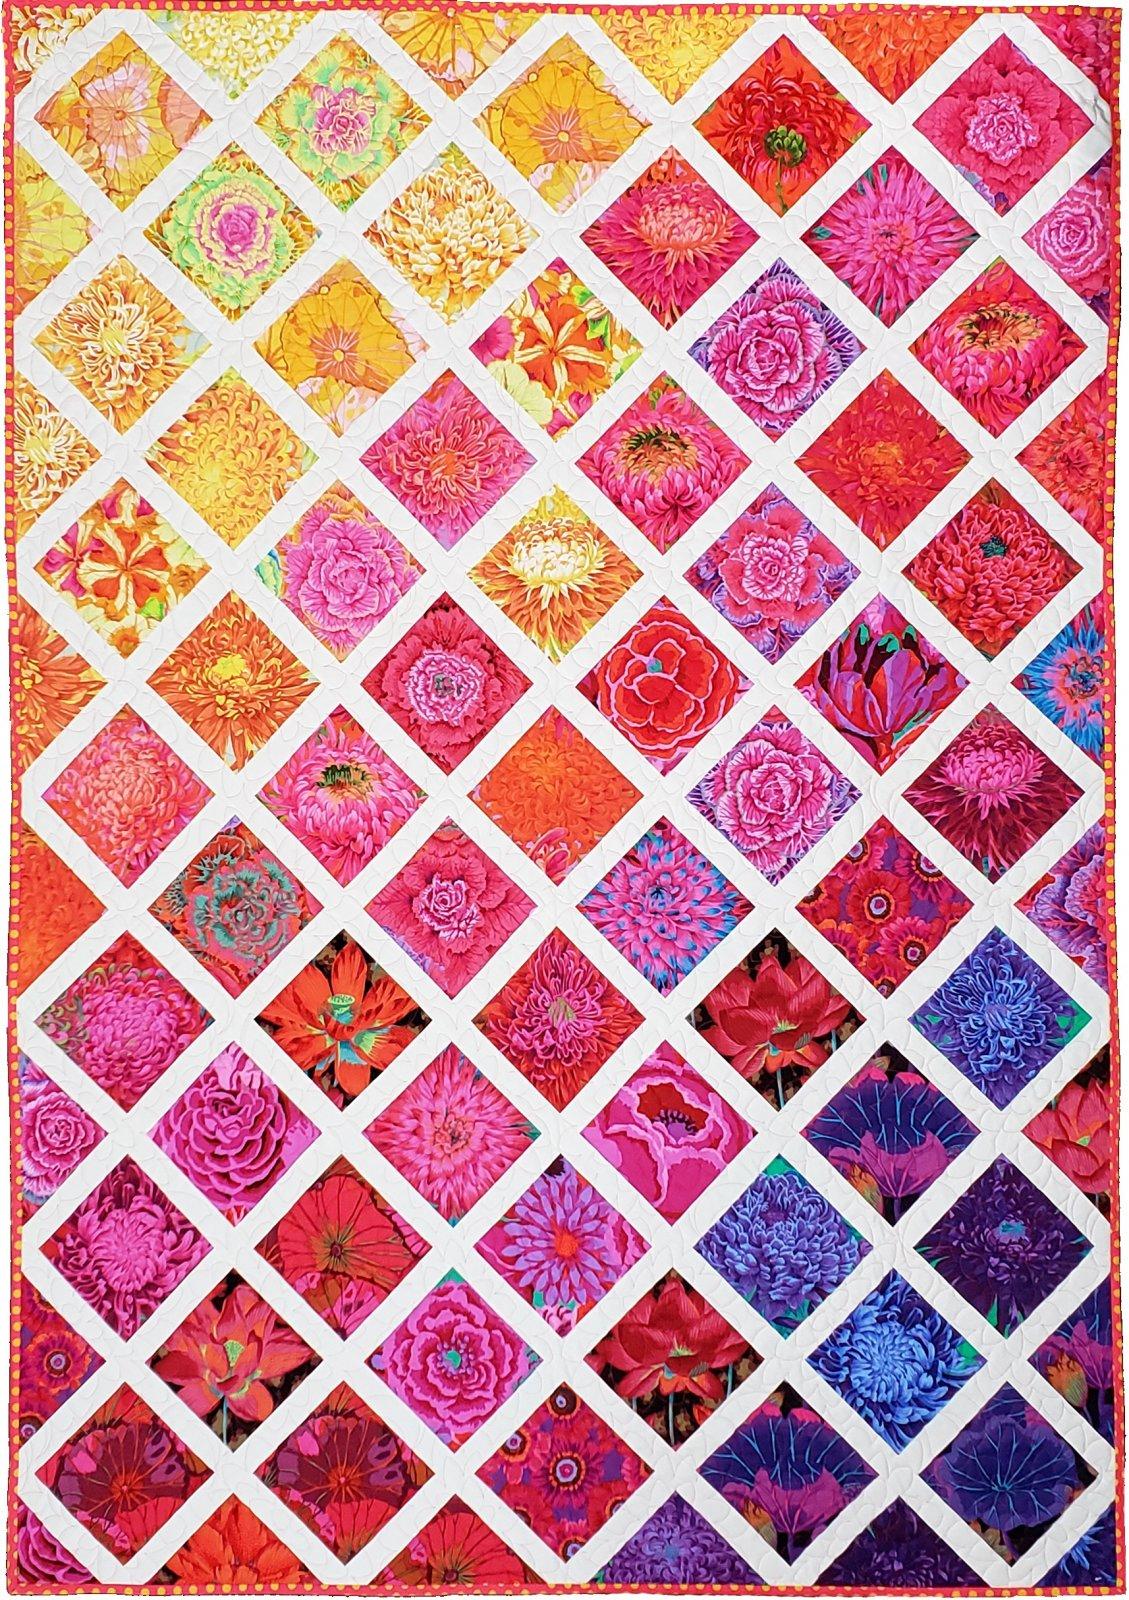 Rainbow Garden Lattice Quilt Kit